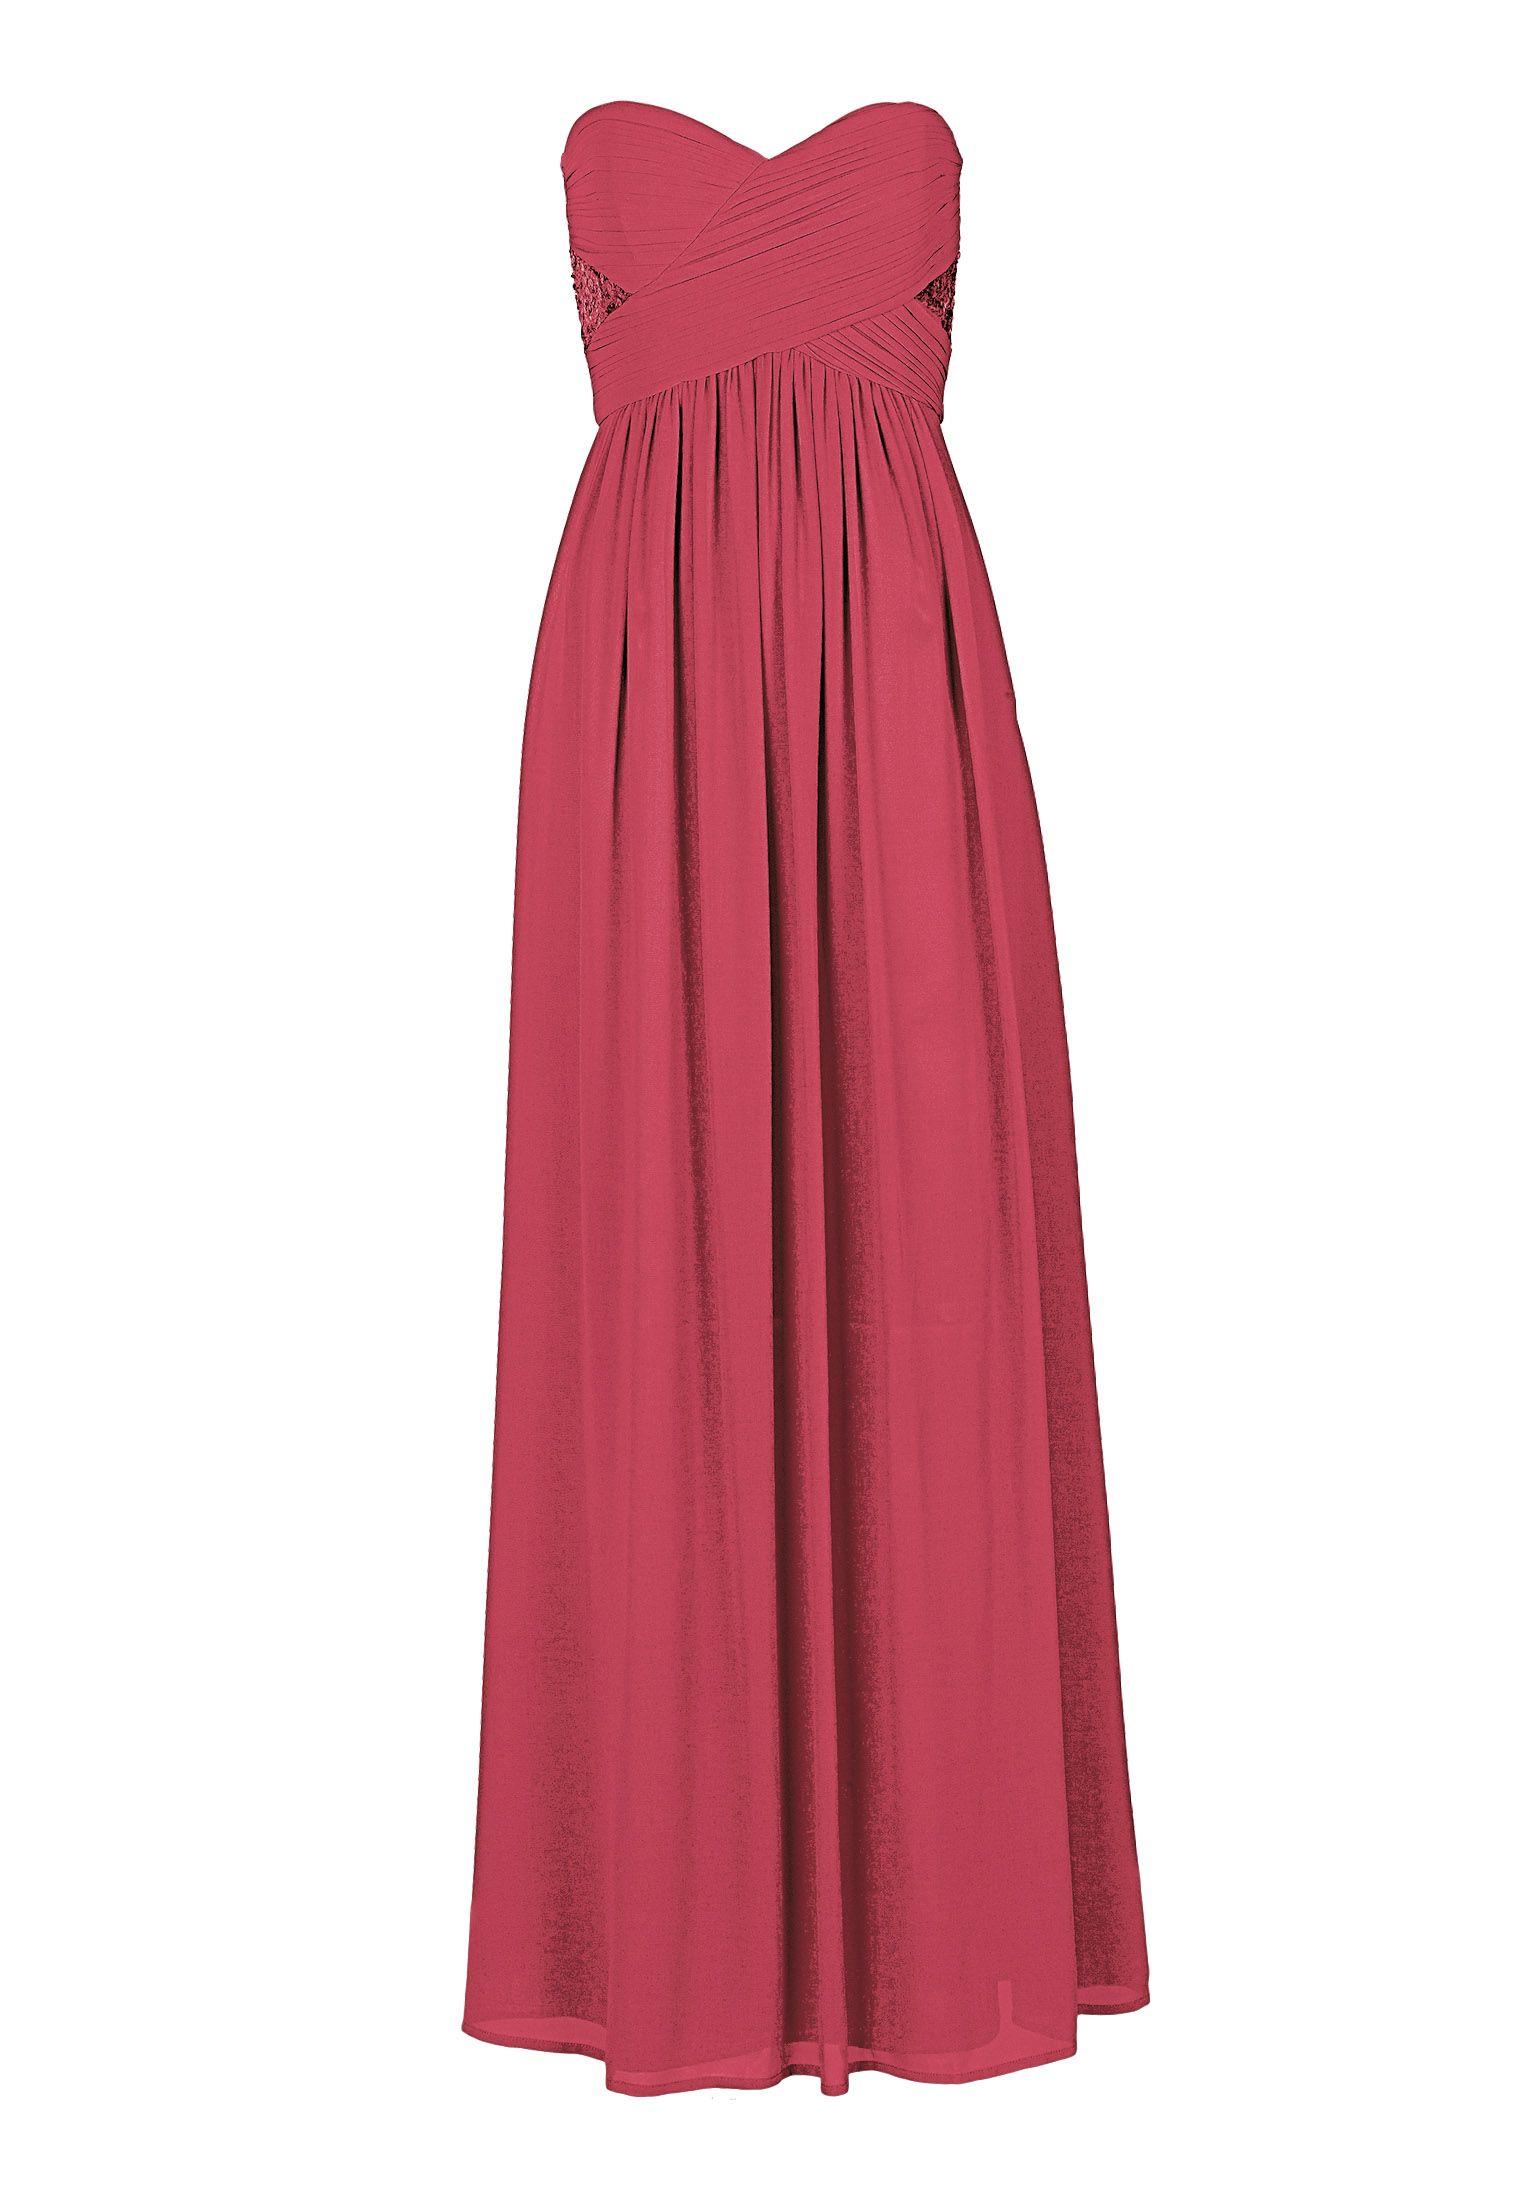 Abendkleid aus Chiffon von Vera Mont  Chiffon abendkleider